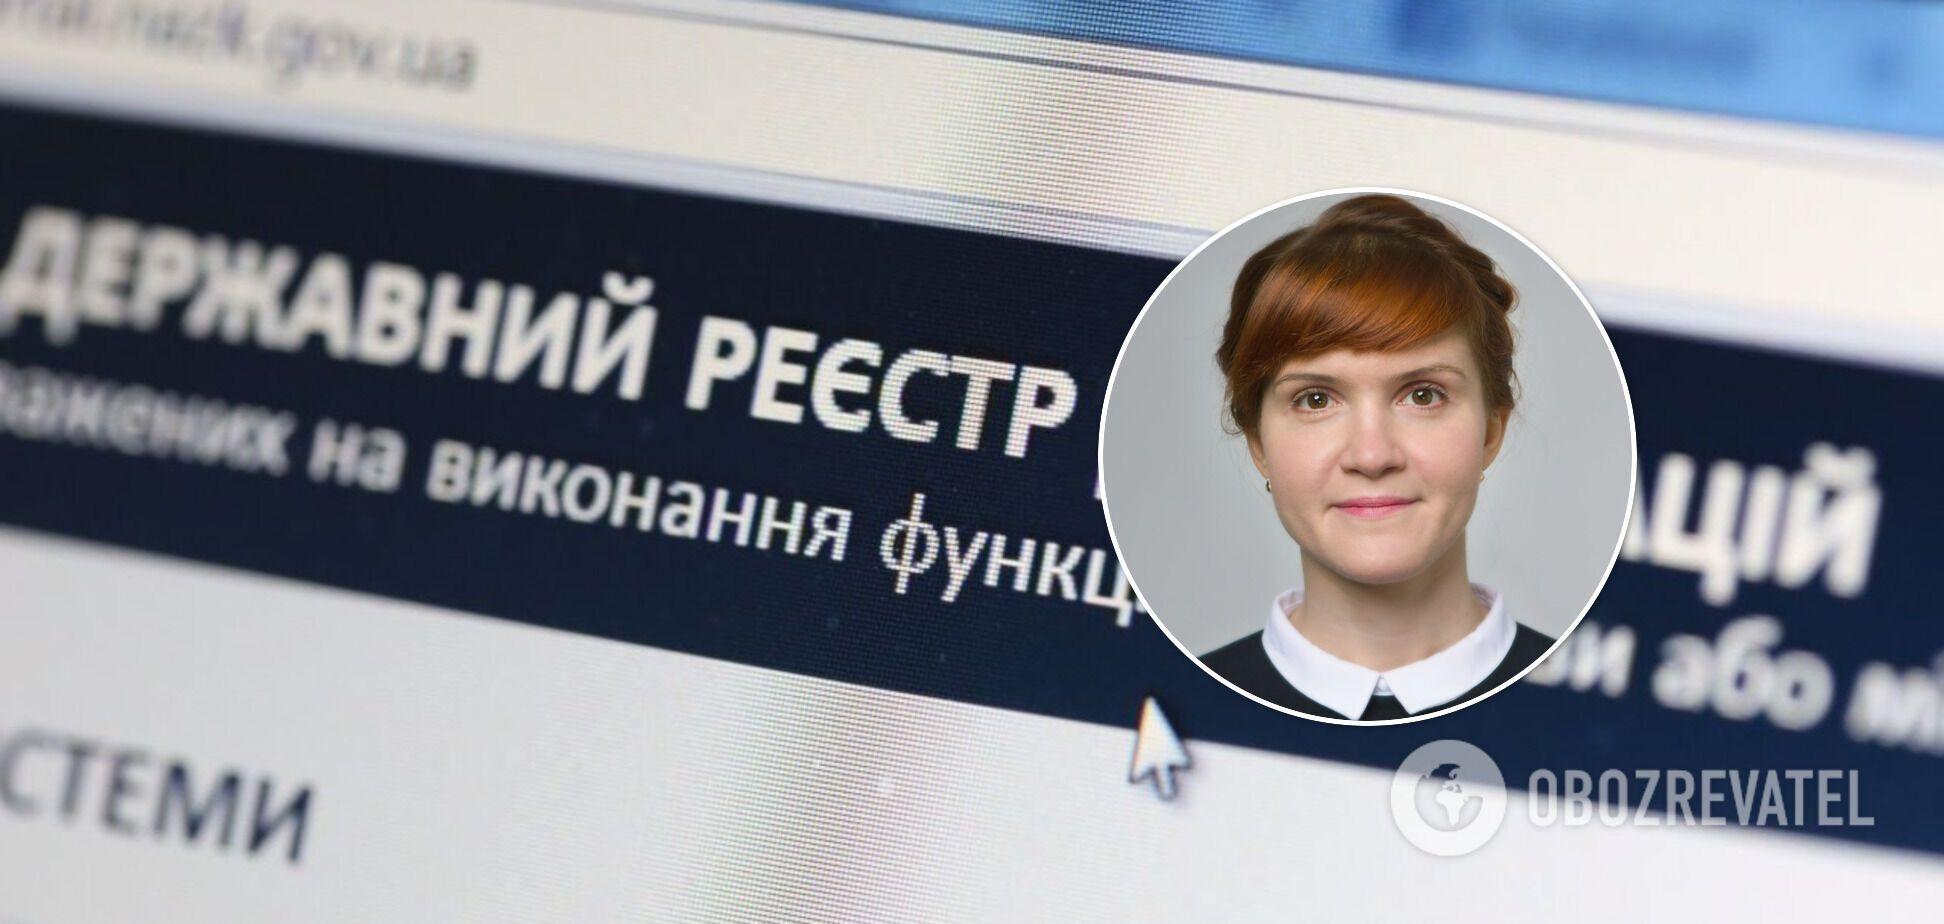 Безуглая объяснила, откуда в ее декларации взялась квартира в Киеве за 165 тысяч гривен